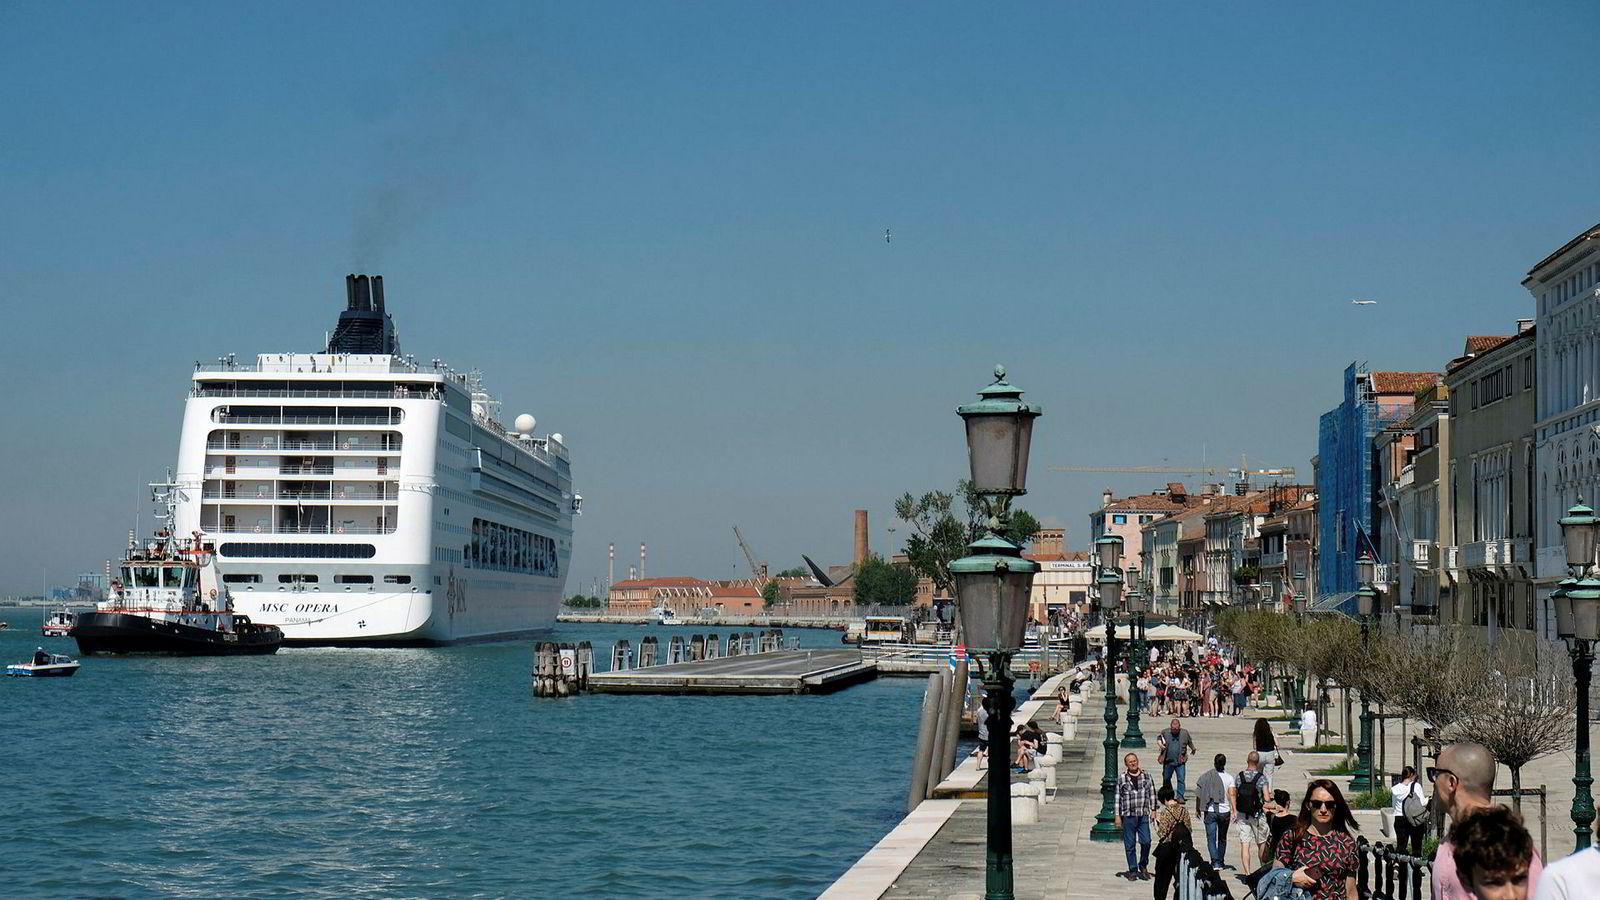 Cruiseskipet MSC Opera mistet kontrollen og krasjet med en mindre turistbåt i Venezia søndag morgen.